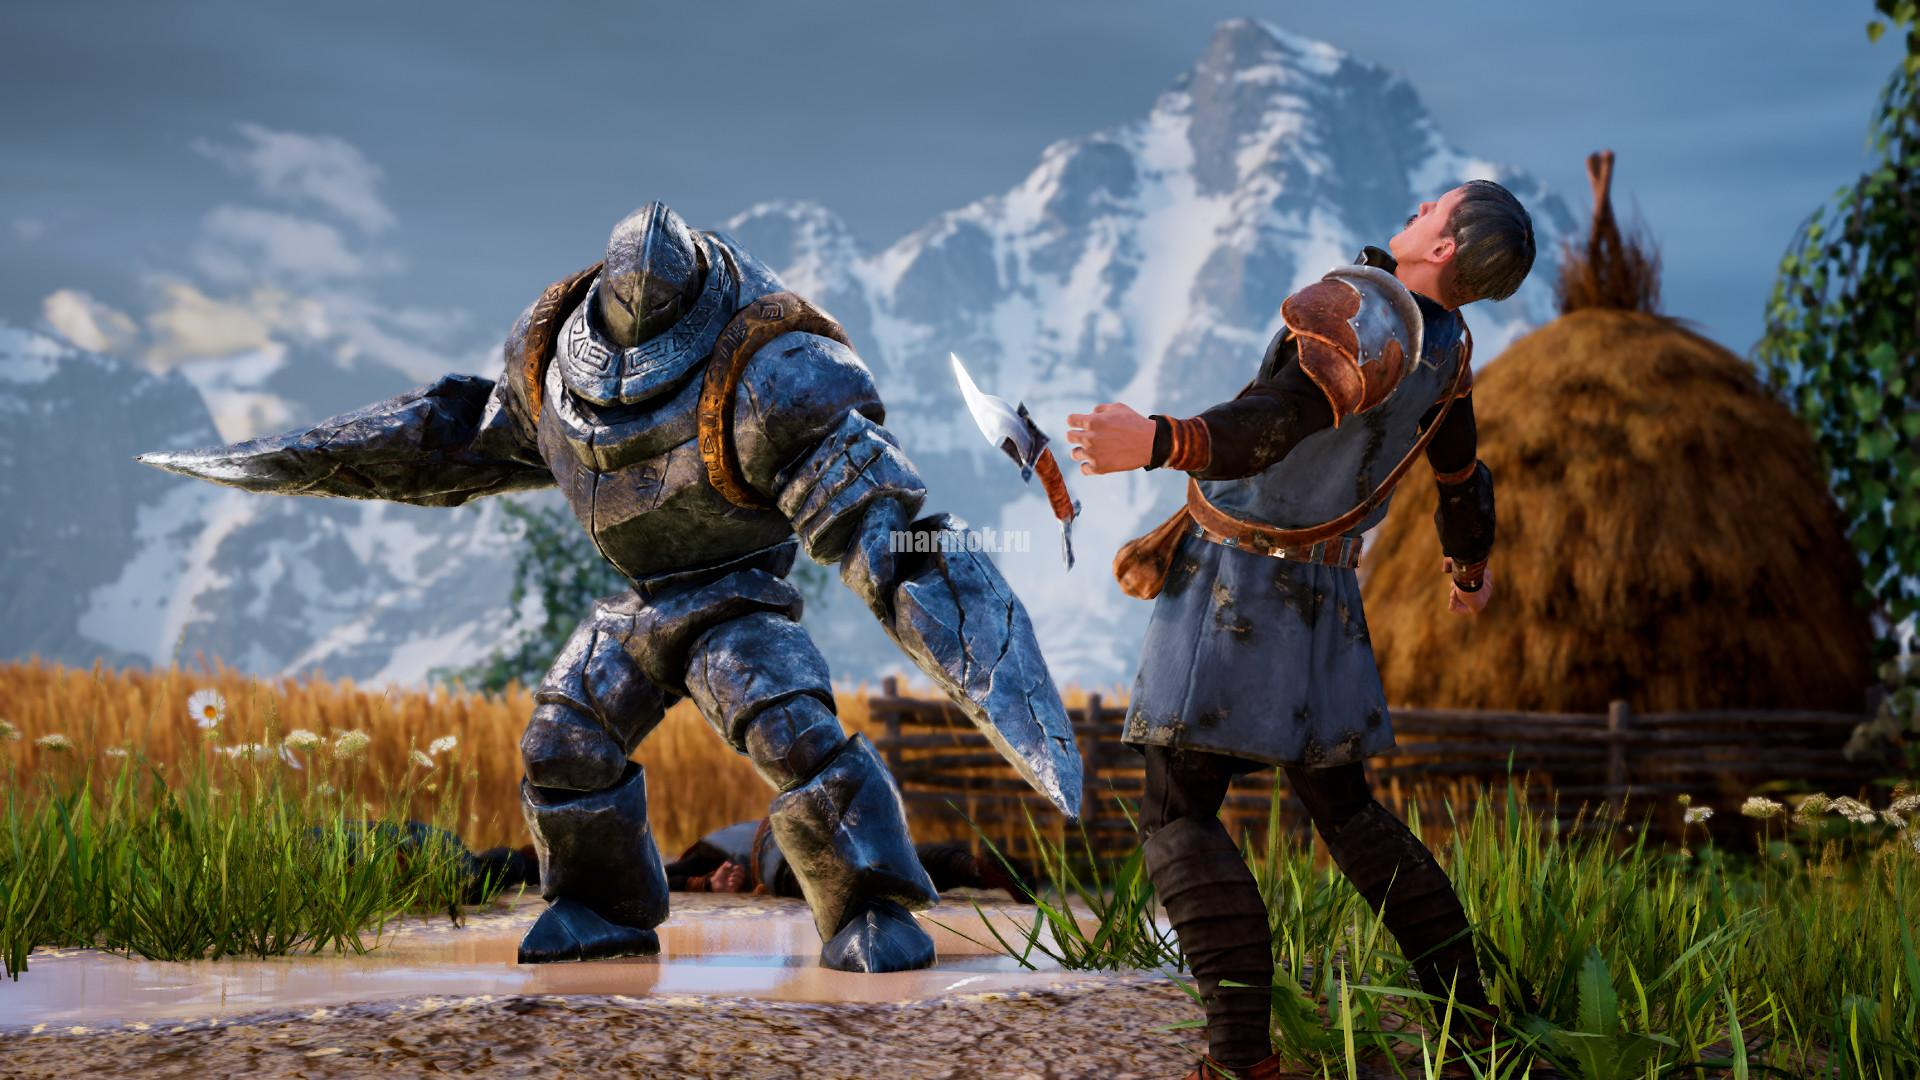 Скриншот из игры King's Bounty 2